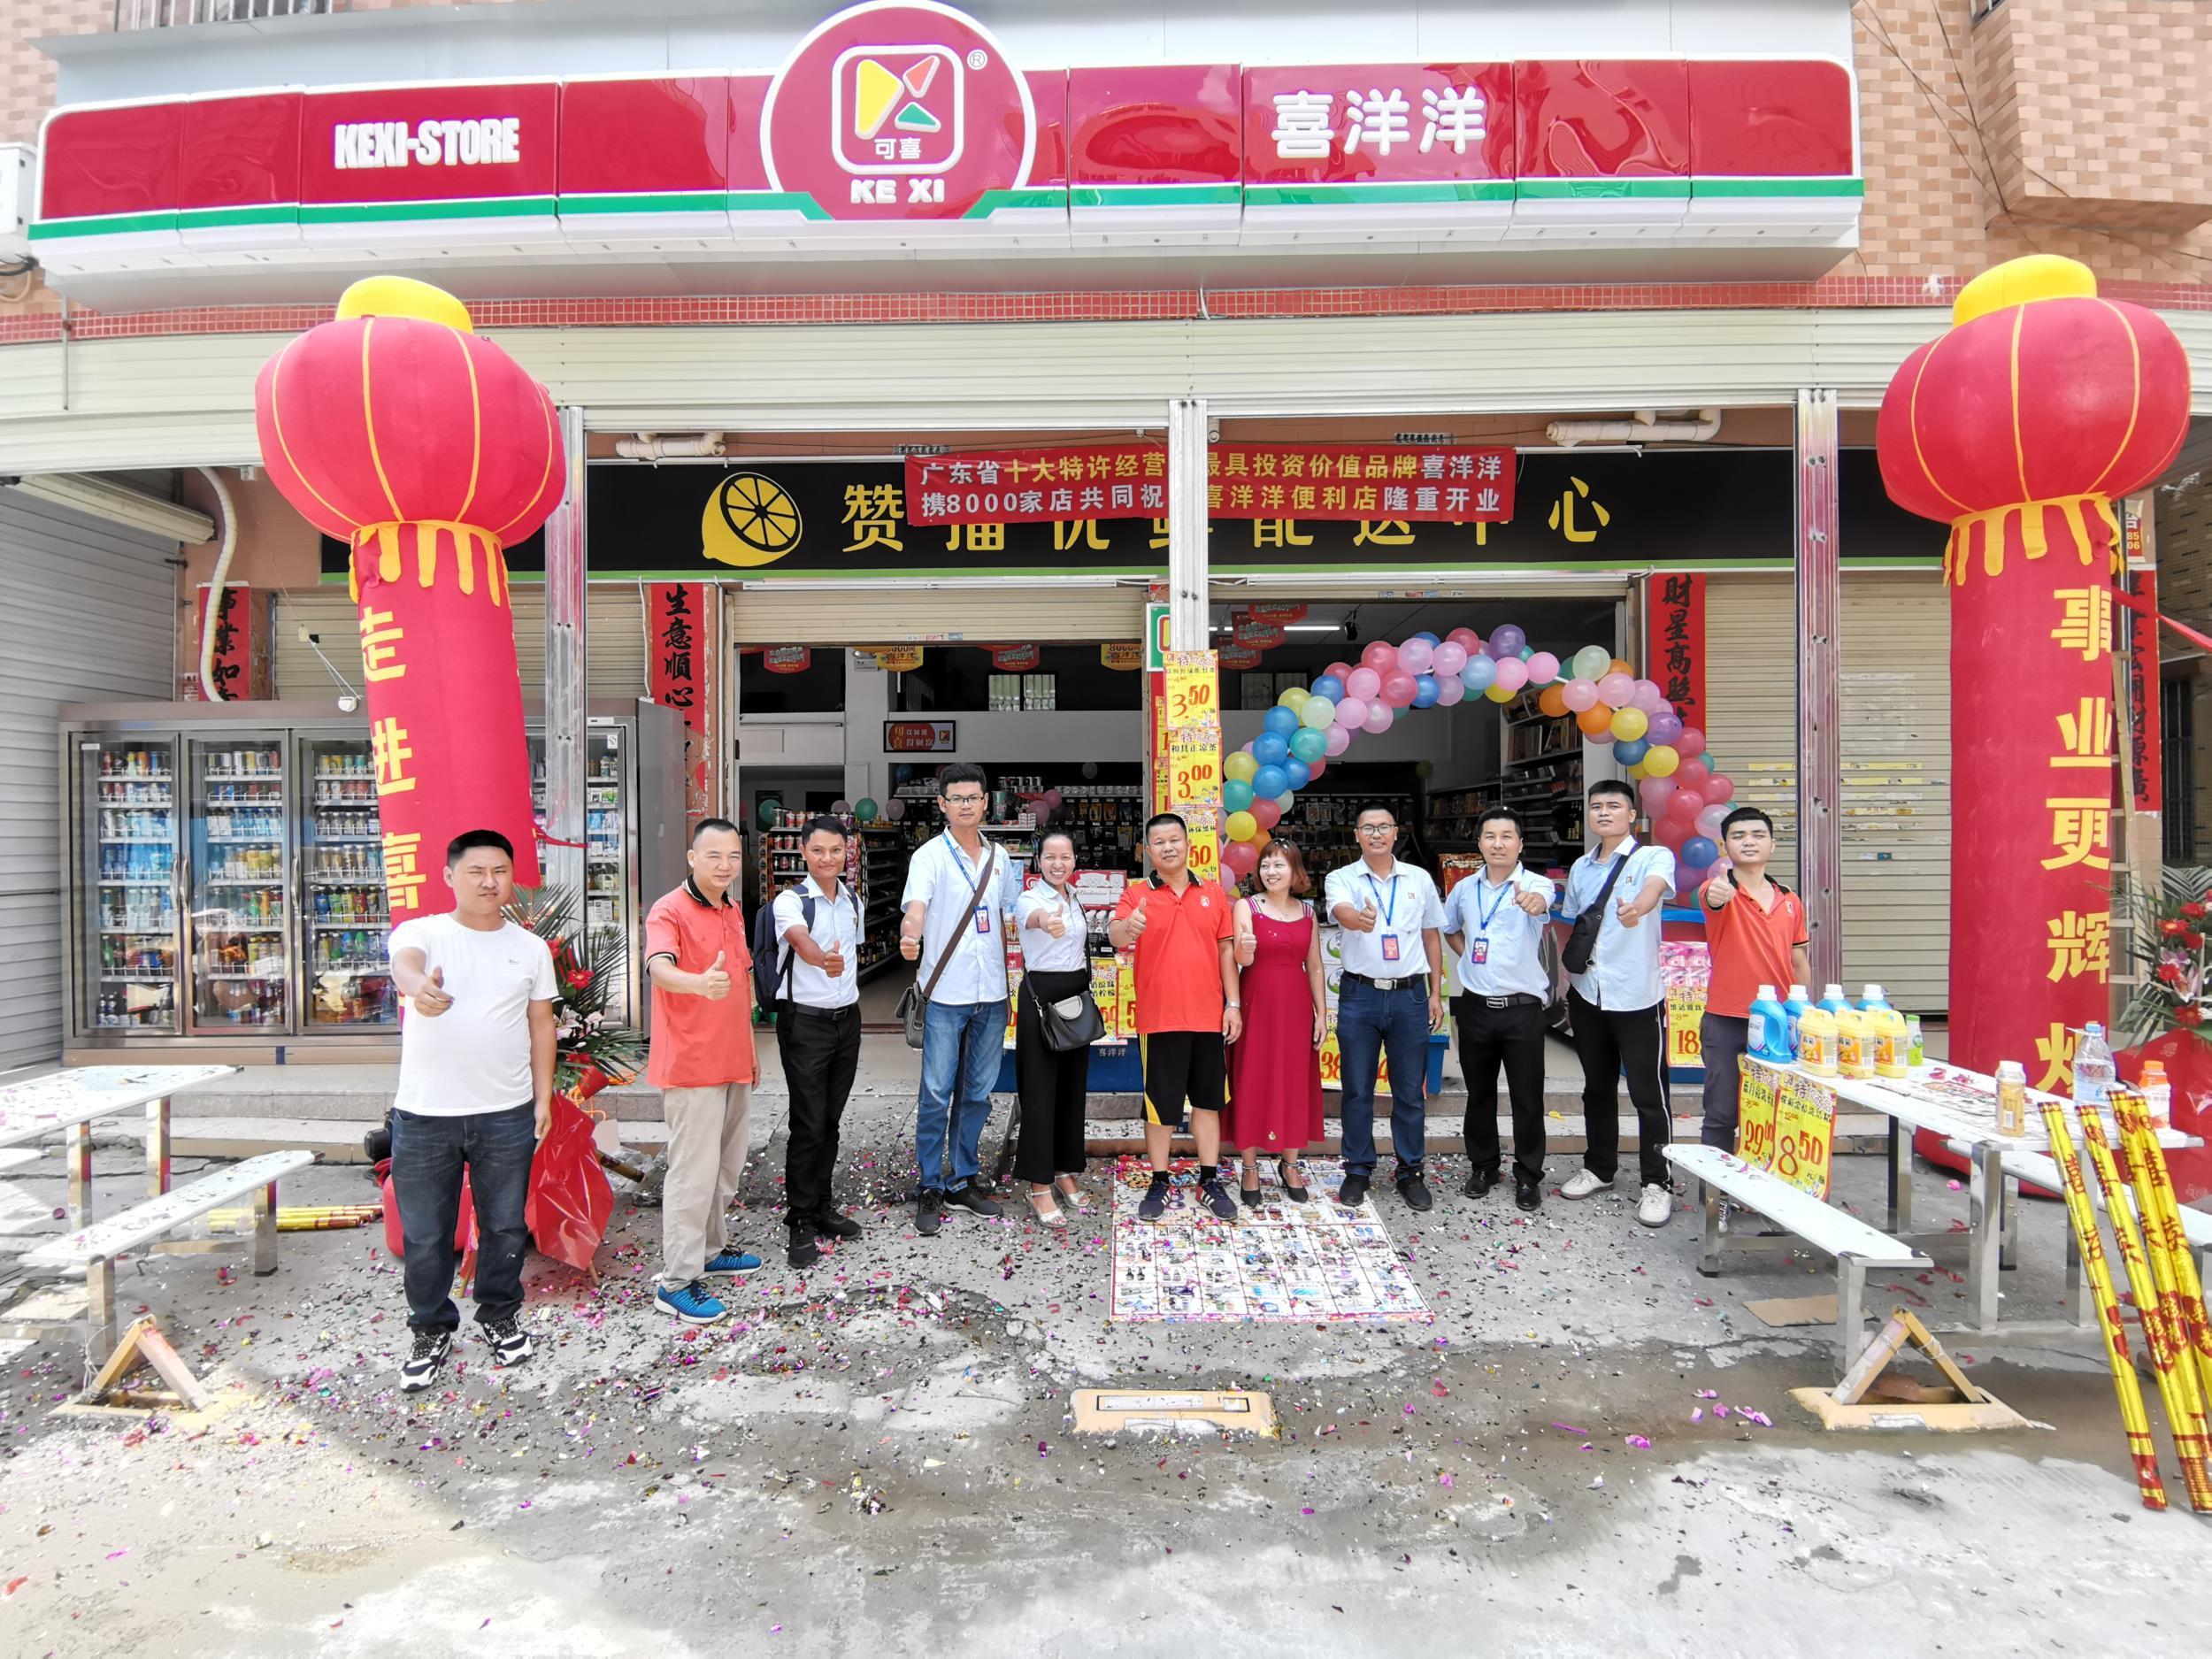 热烈庆祝喜洋洋便利店惠阳威宇一分店9月10日盛大开业